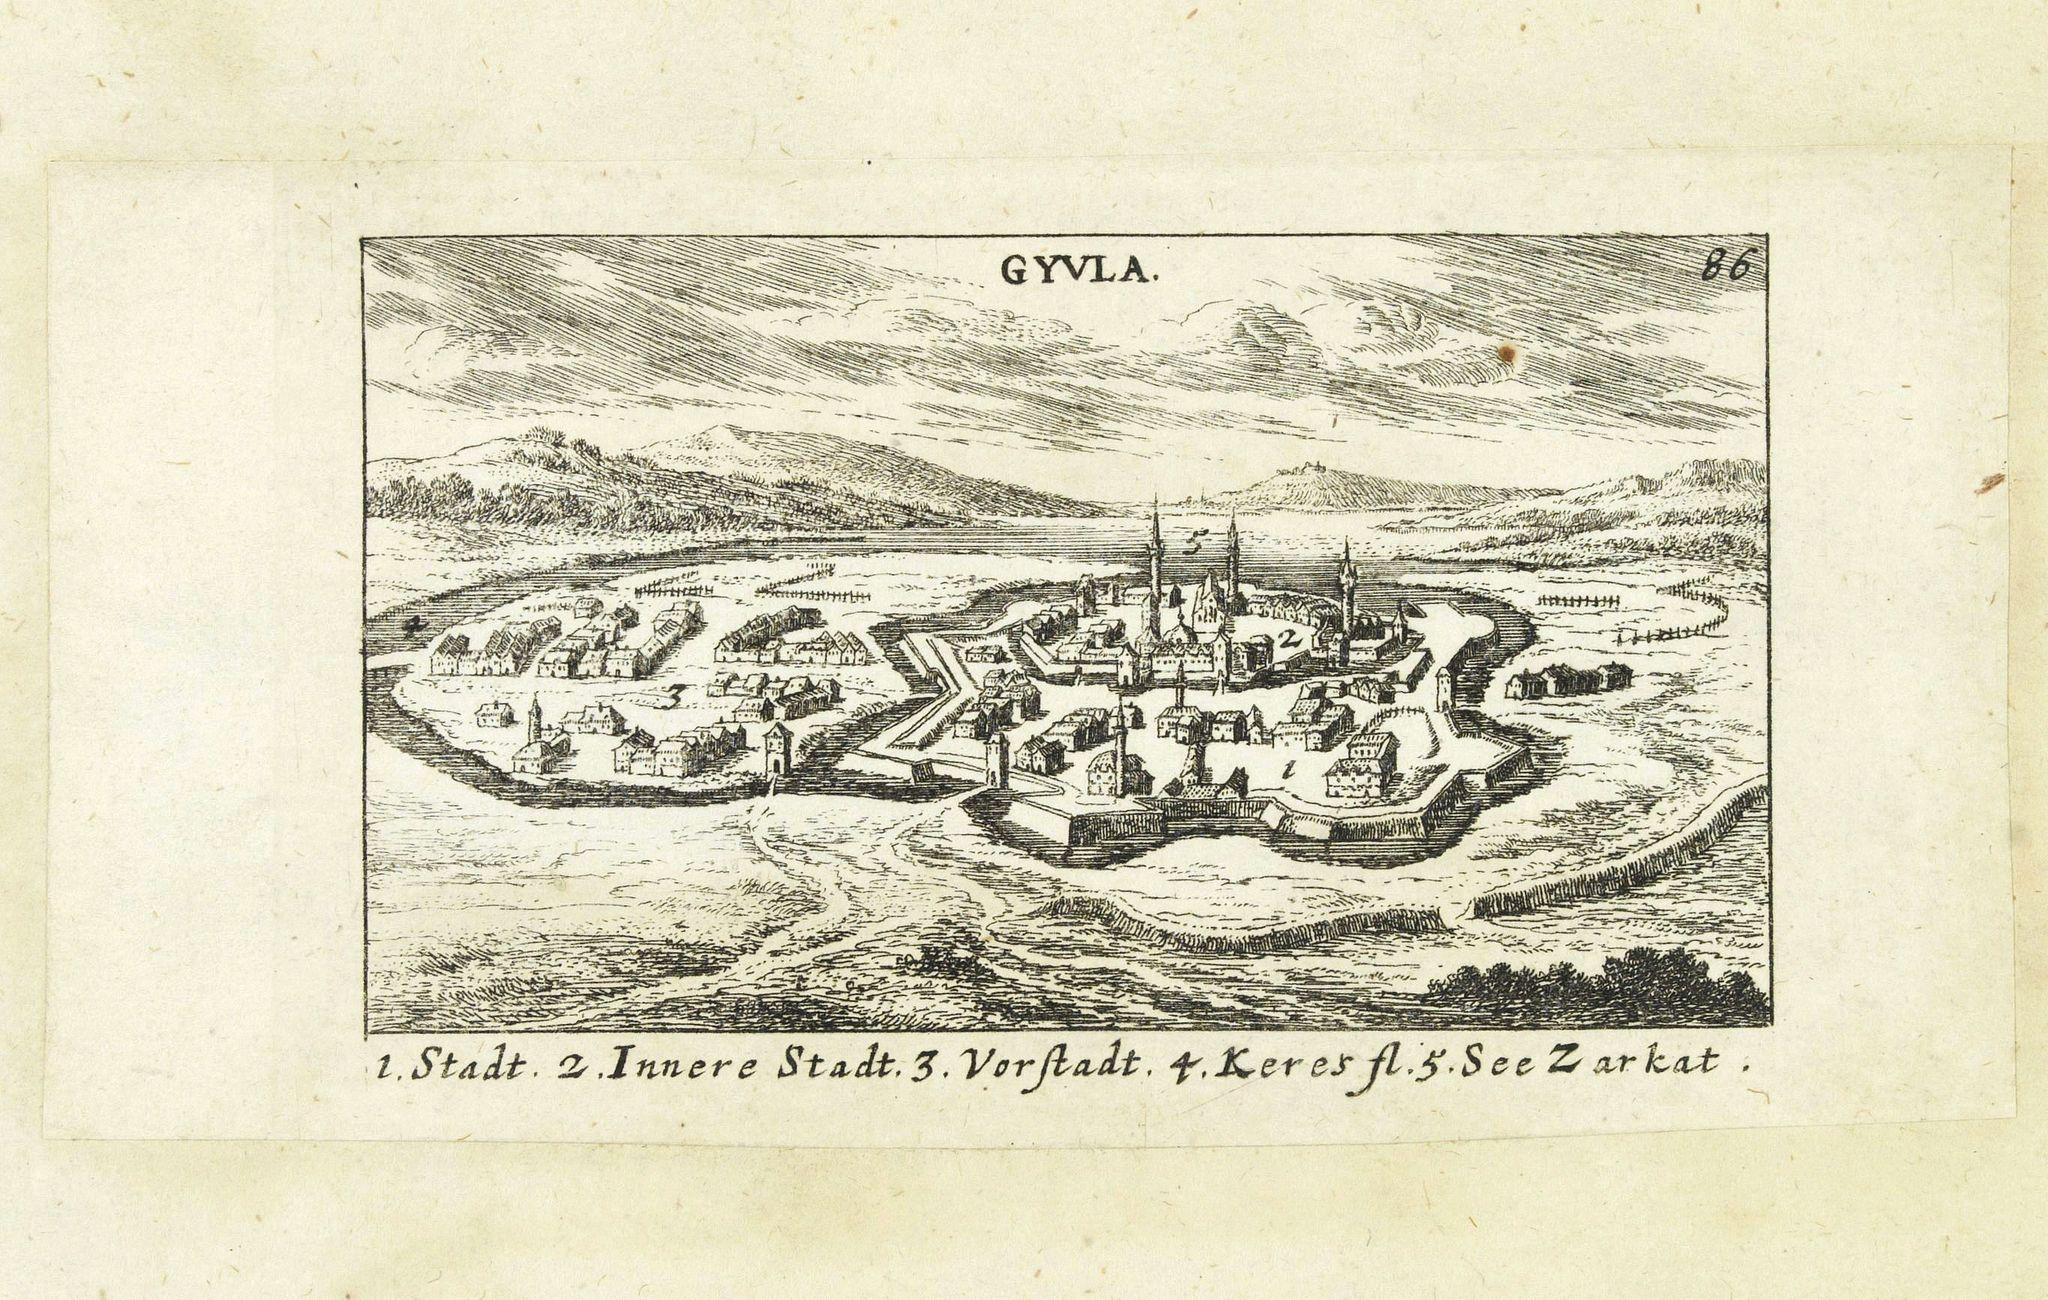 VON BIRKEN, S. -  Gyula.